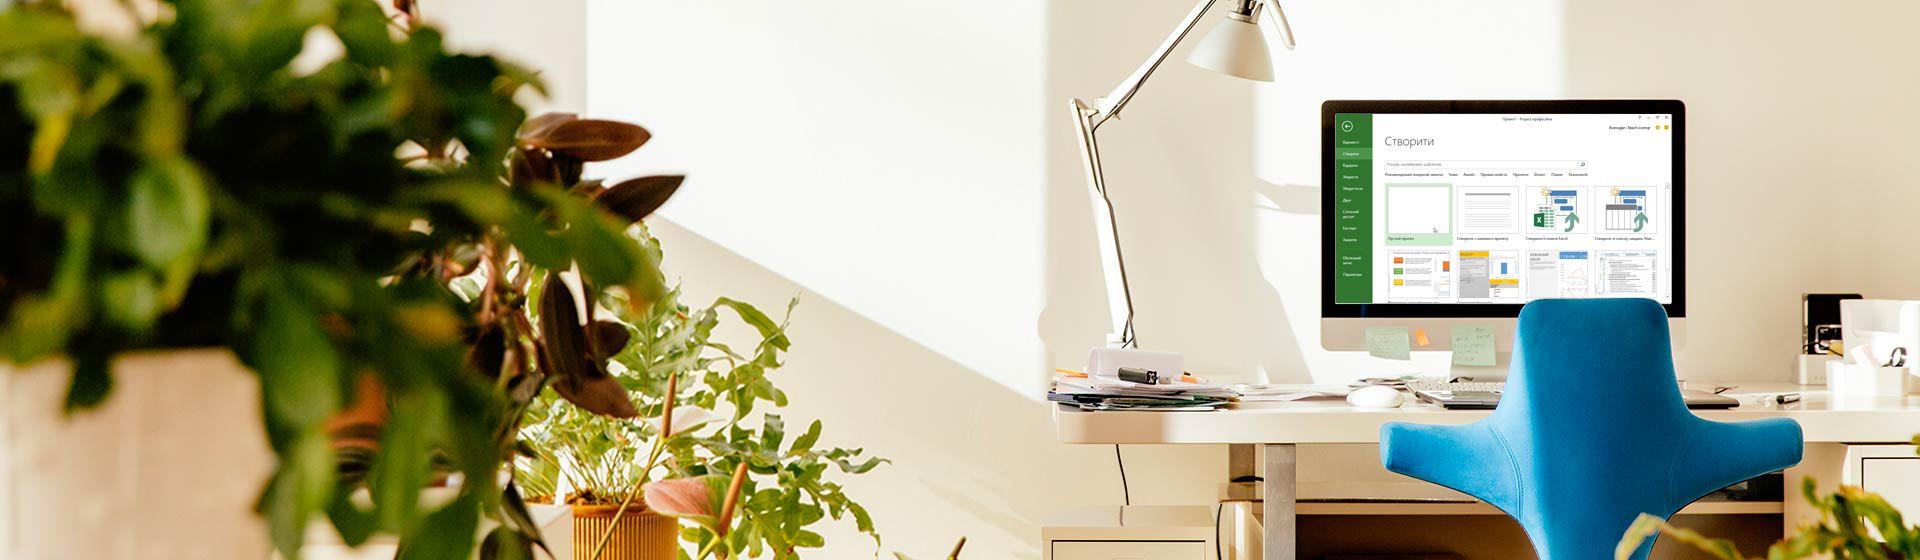 Робочий стіл із монітором комп'ютера, на якому відкрито вікно нового проекту в Microsoft Project.